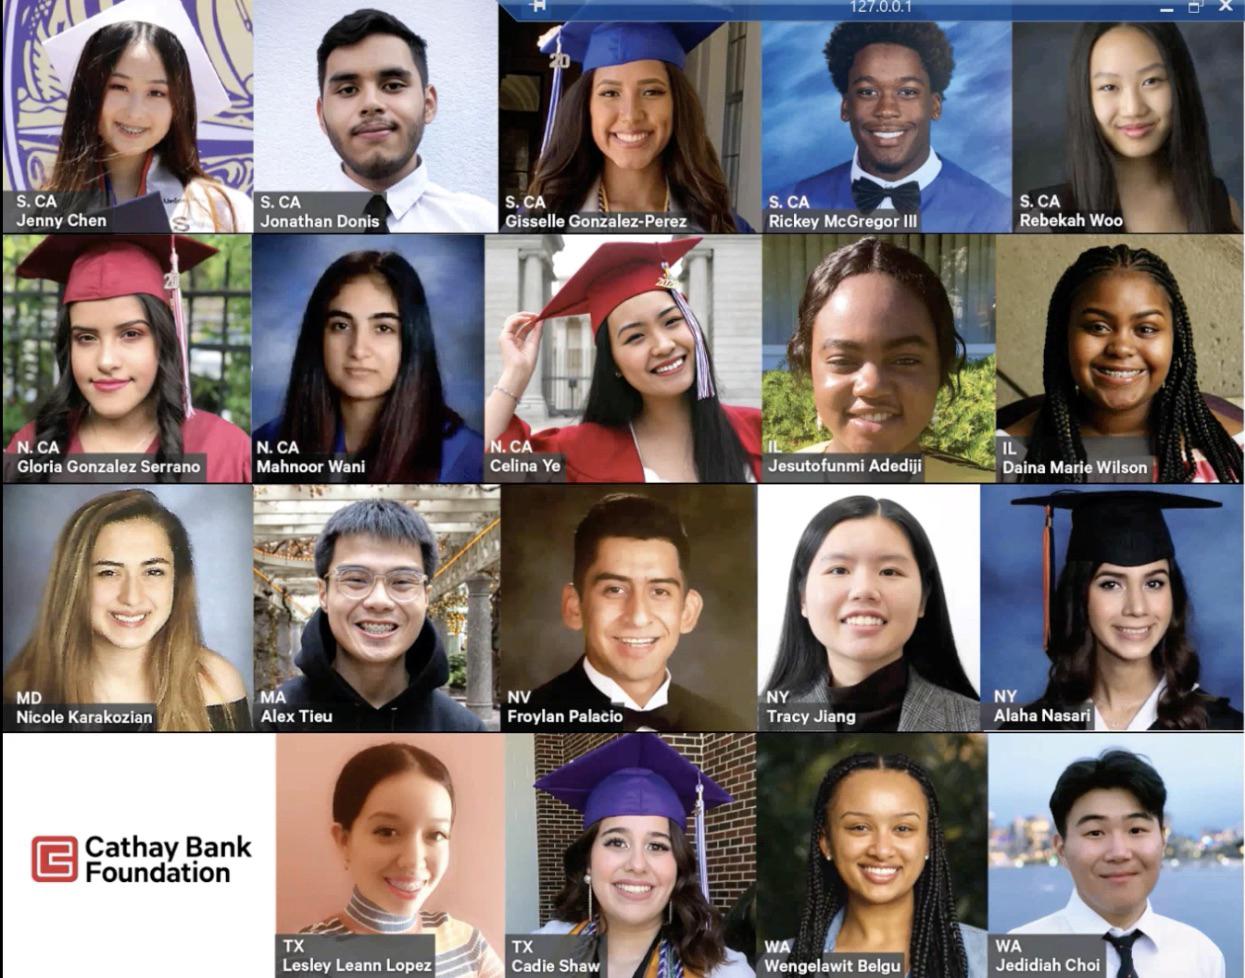 國泰銀行基金會為20名優秀學子頒發獎學金。頒獎典禮截圖